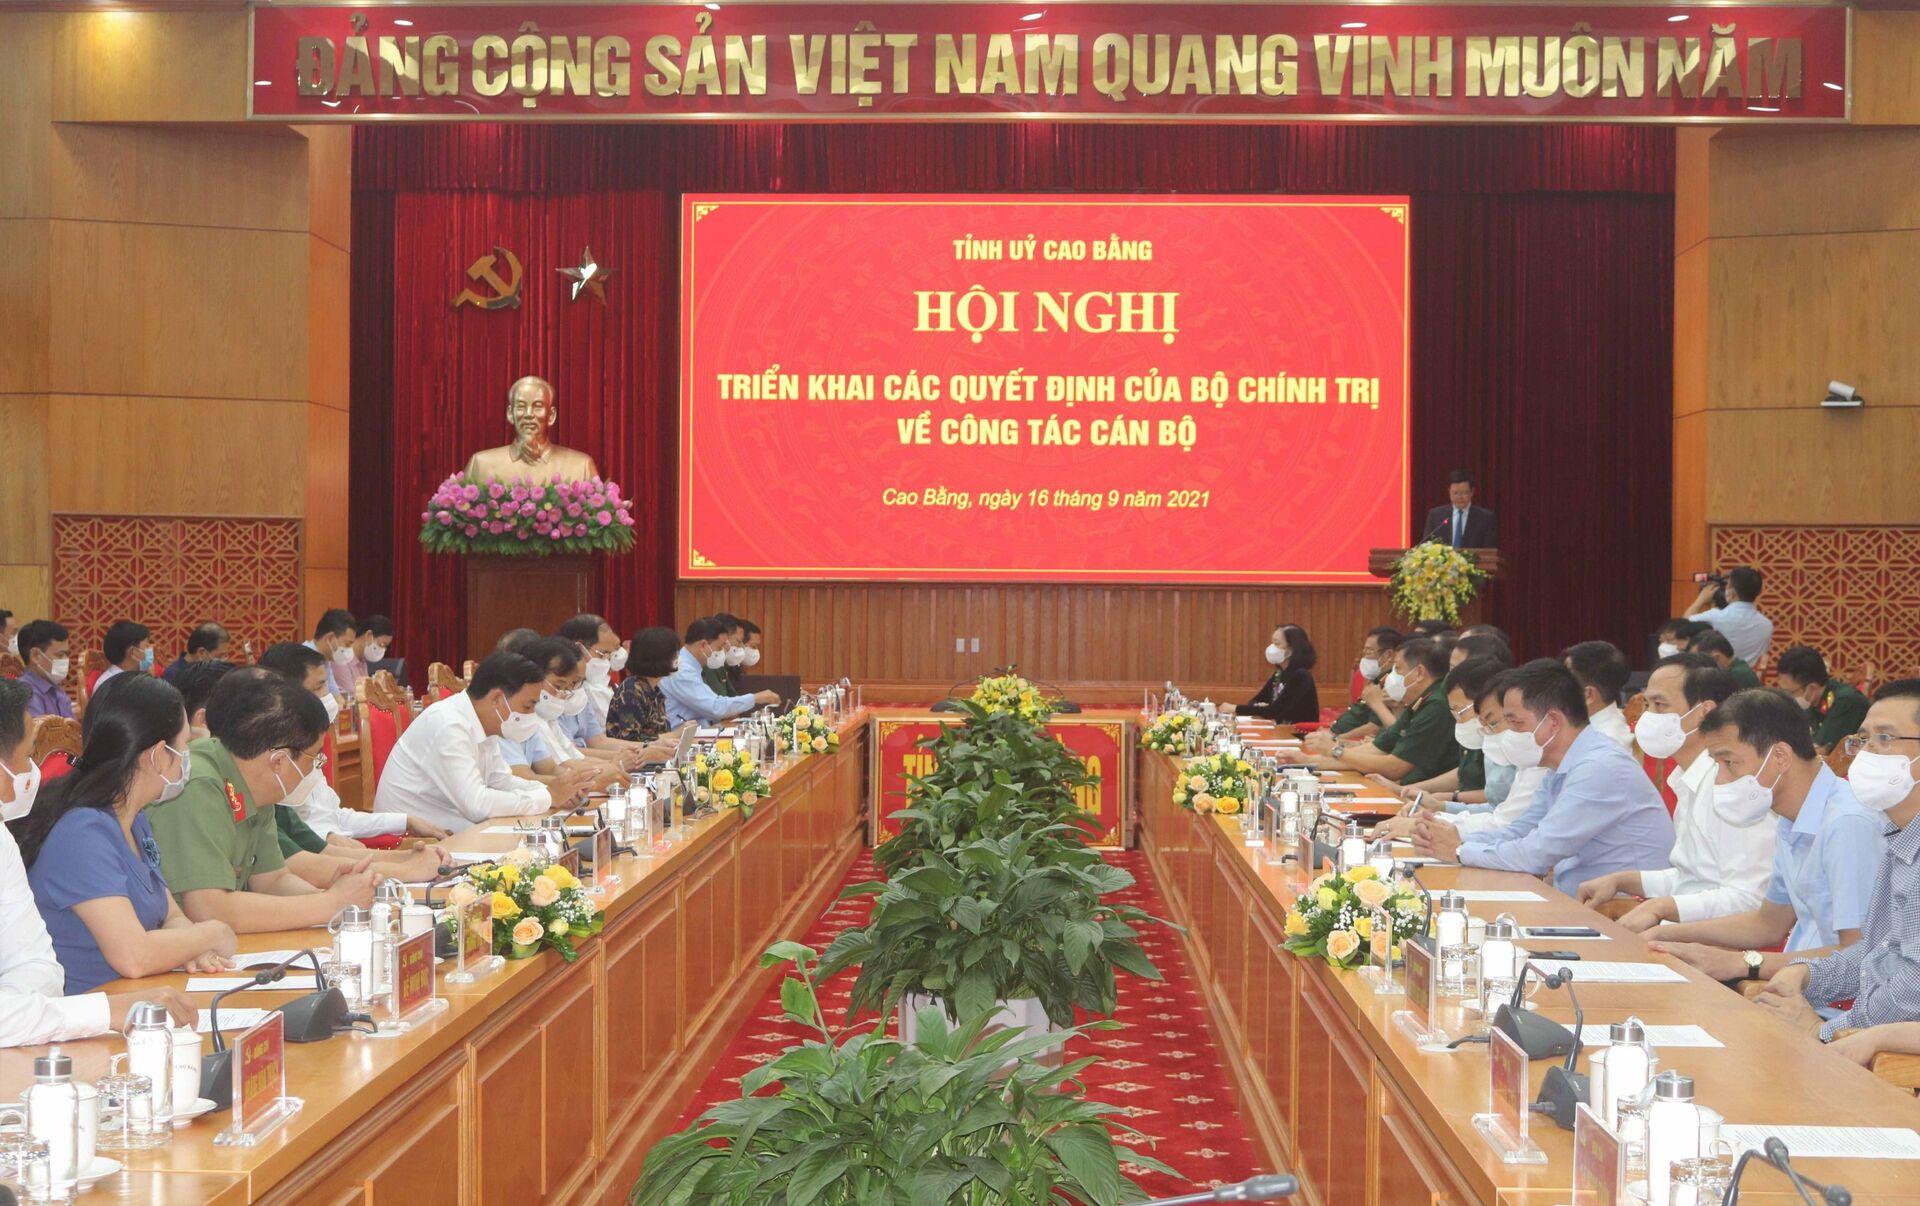 Trong ảnh: Hội nghị công bố Quyết định của Bộ Chính trị về công tác cán bộ - Sputnik Việt Nam, 1920, 05.10.2021